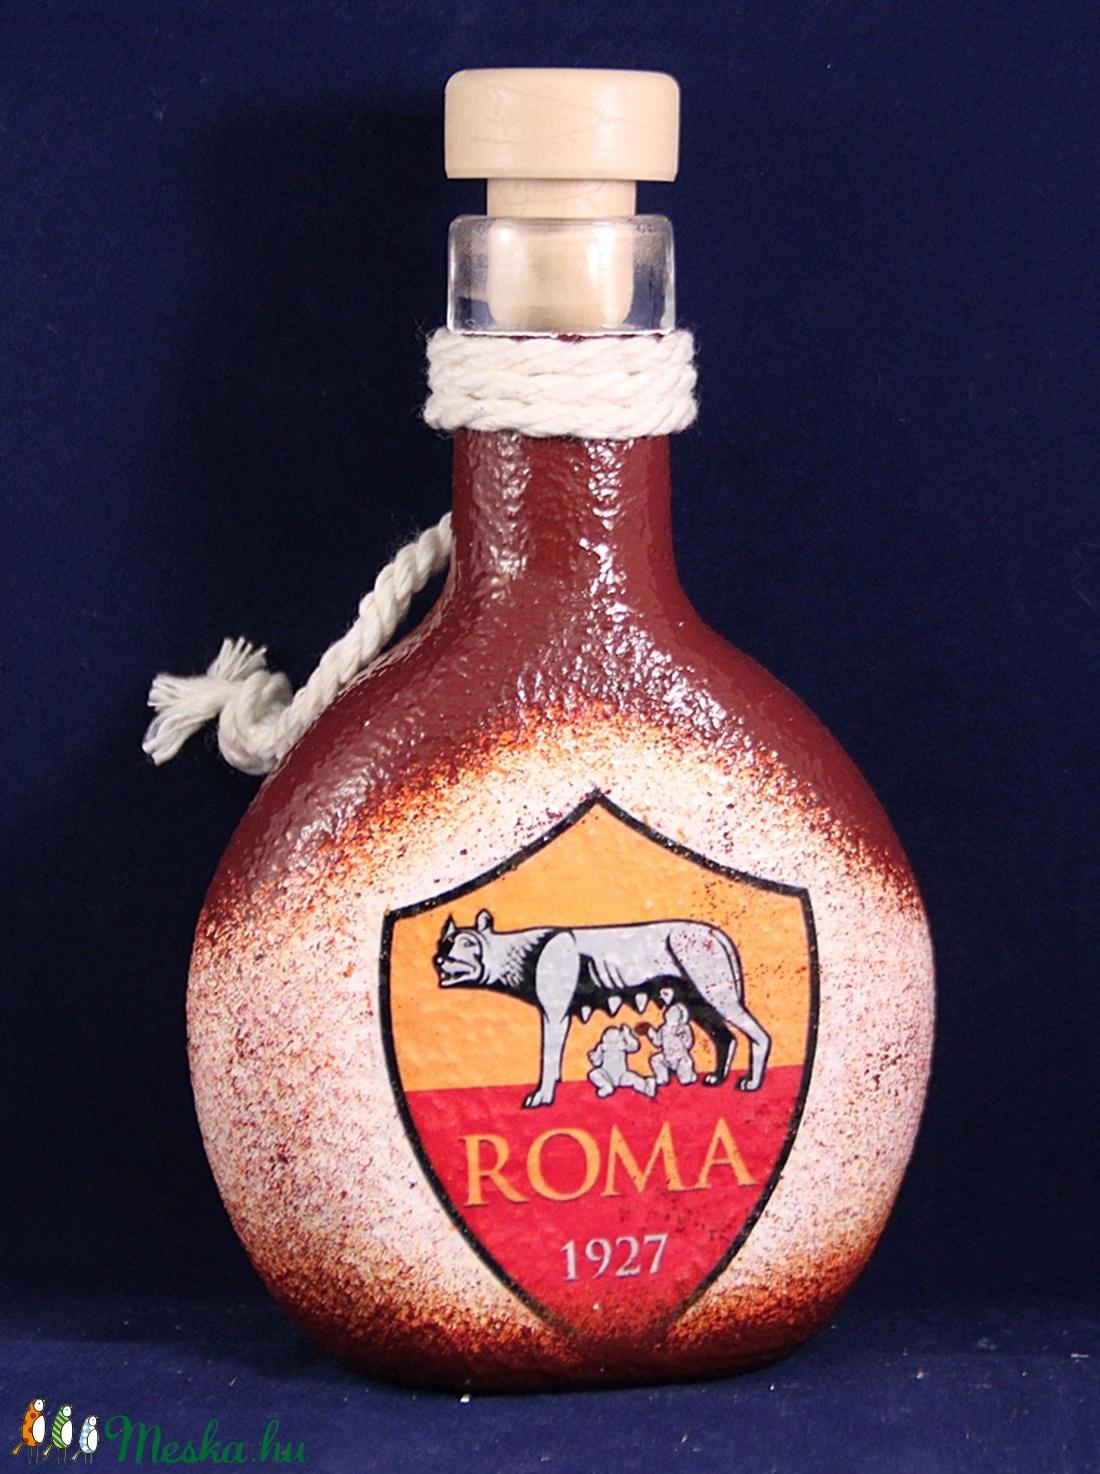 AS ROMA emblémával díszített pálinkás butykos ; As Roma futball kedvelő férfiaknak  (decorfantasy) - Meska.hu